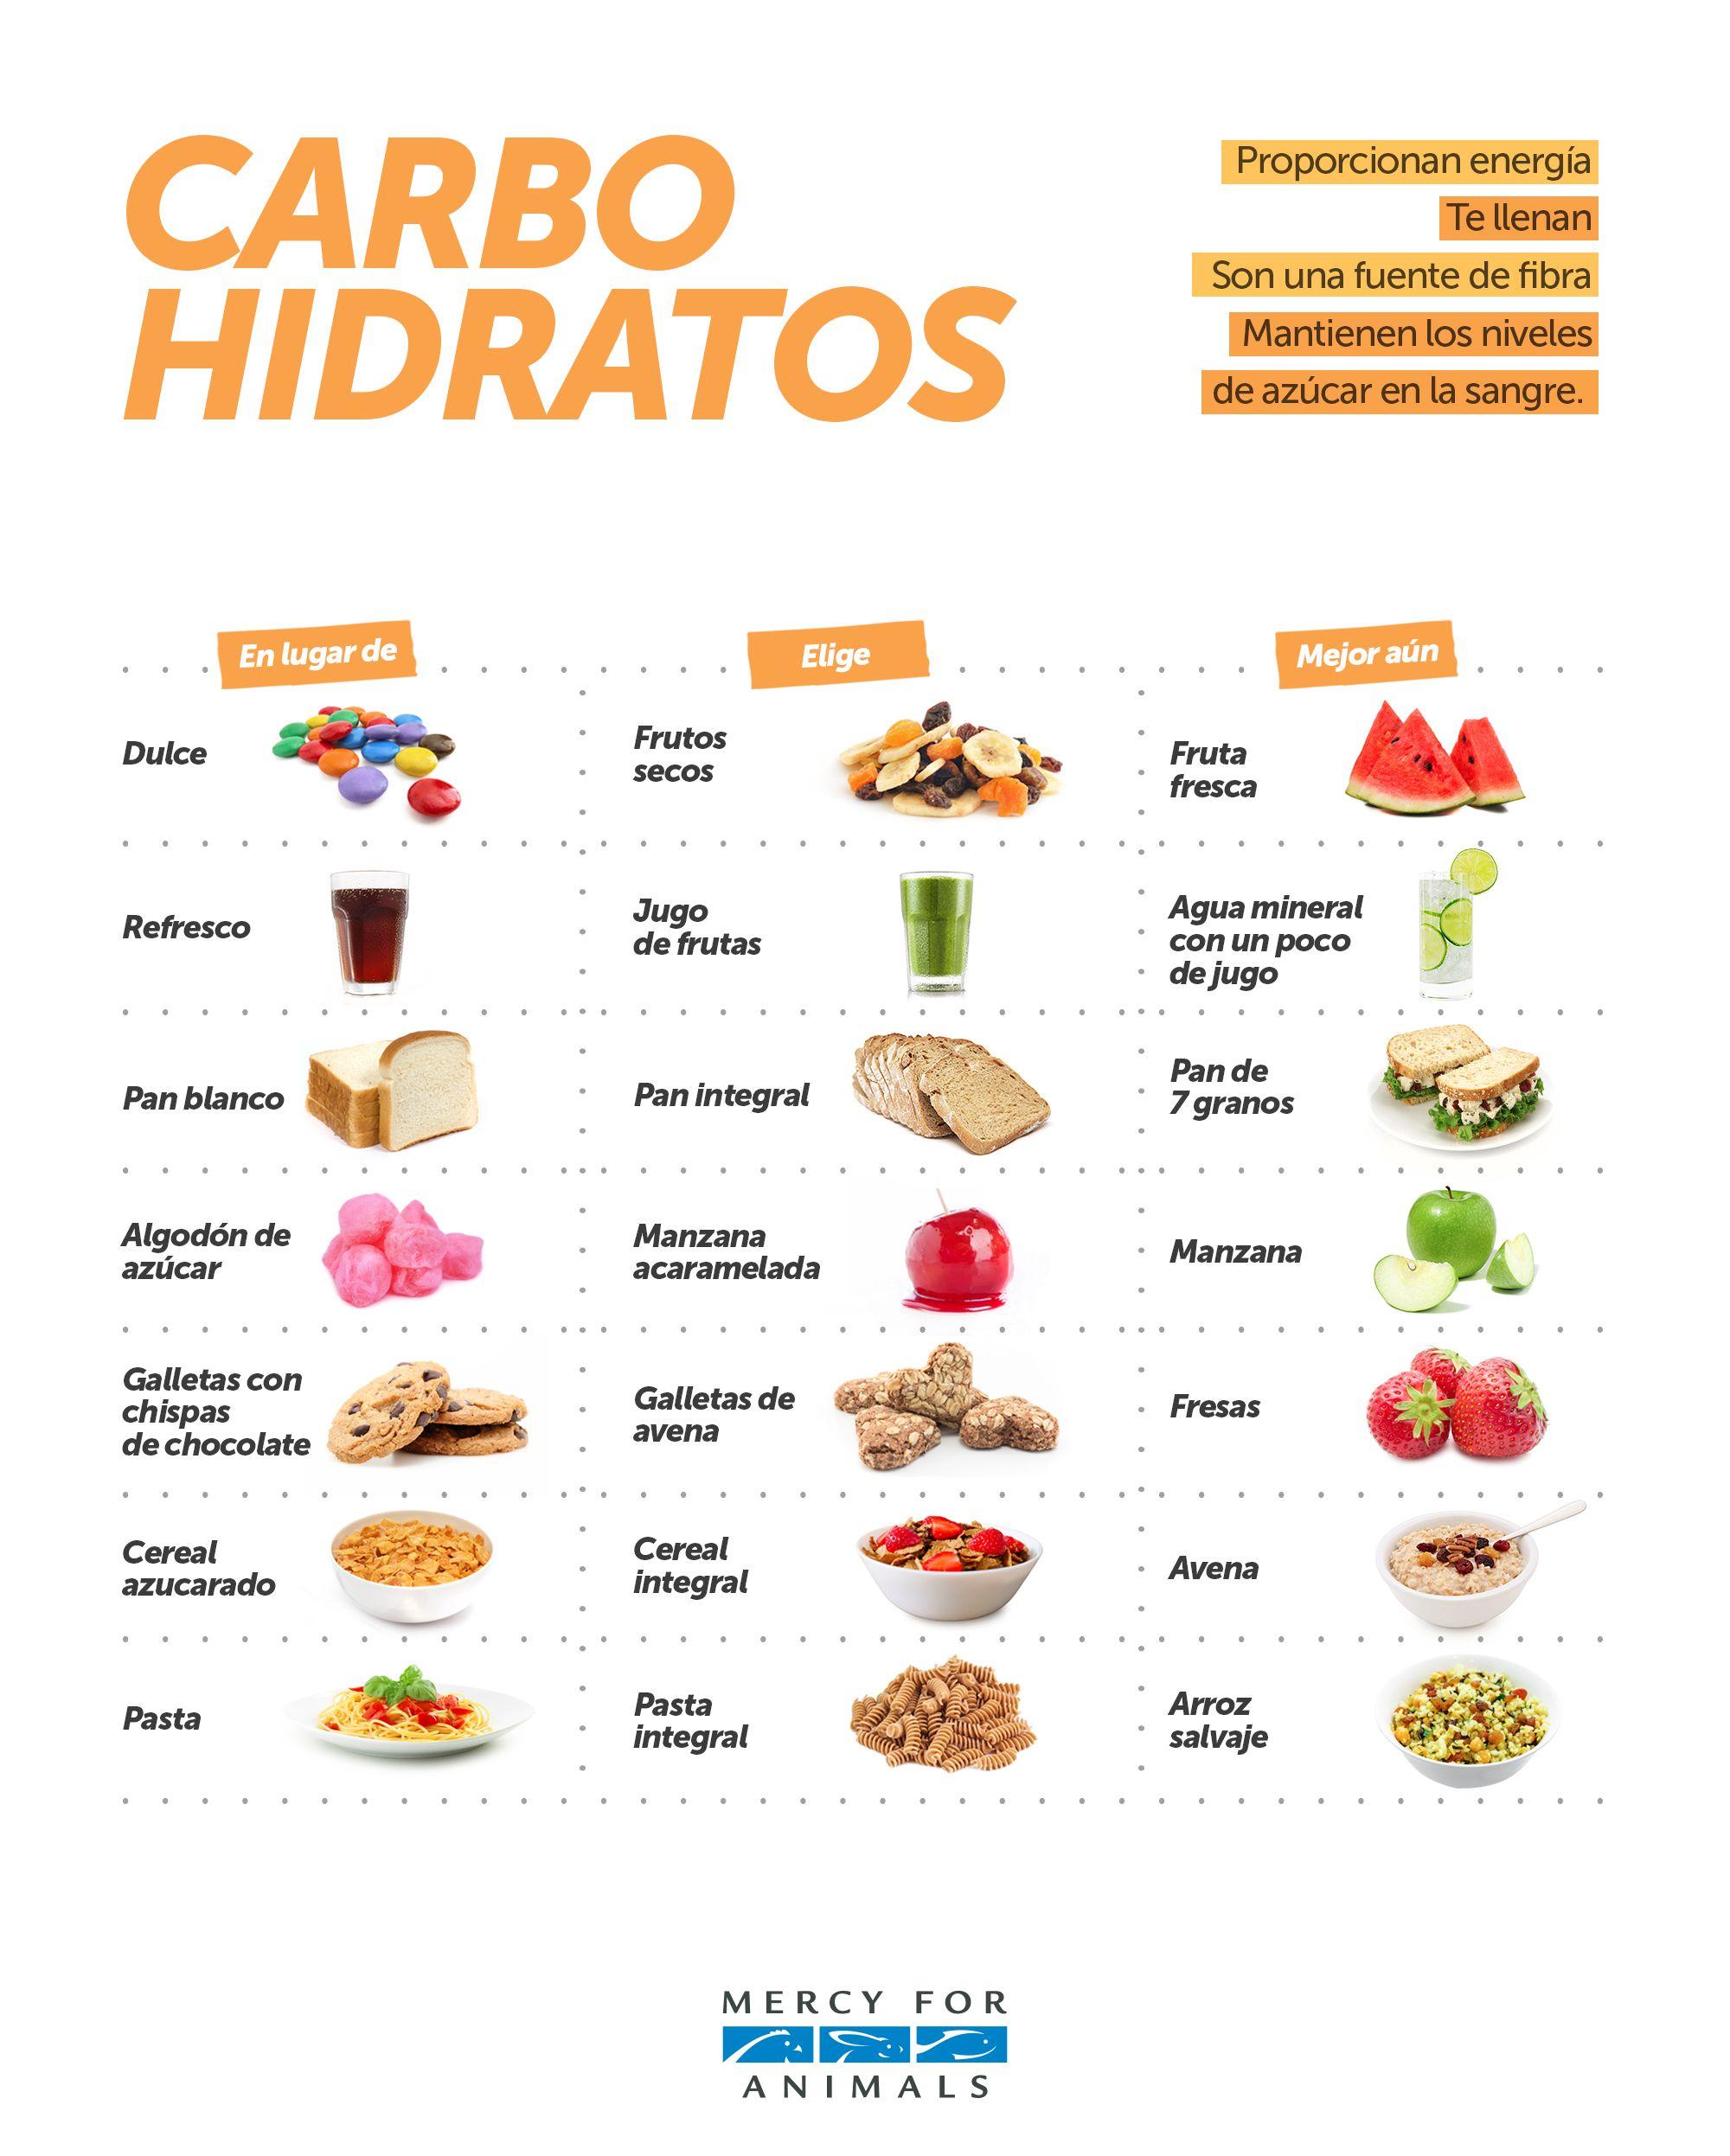 Fuentes De Carbohidratos Dieta Y Nutrición Nutrición Alimentos Saludables Bajar De Peso